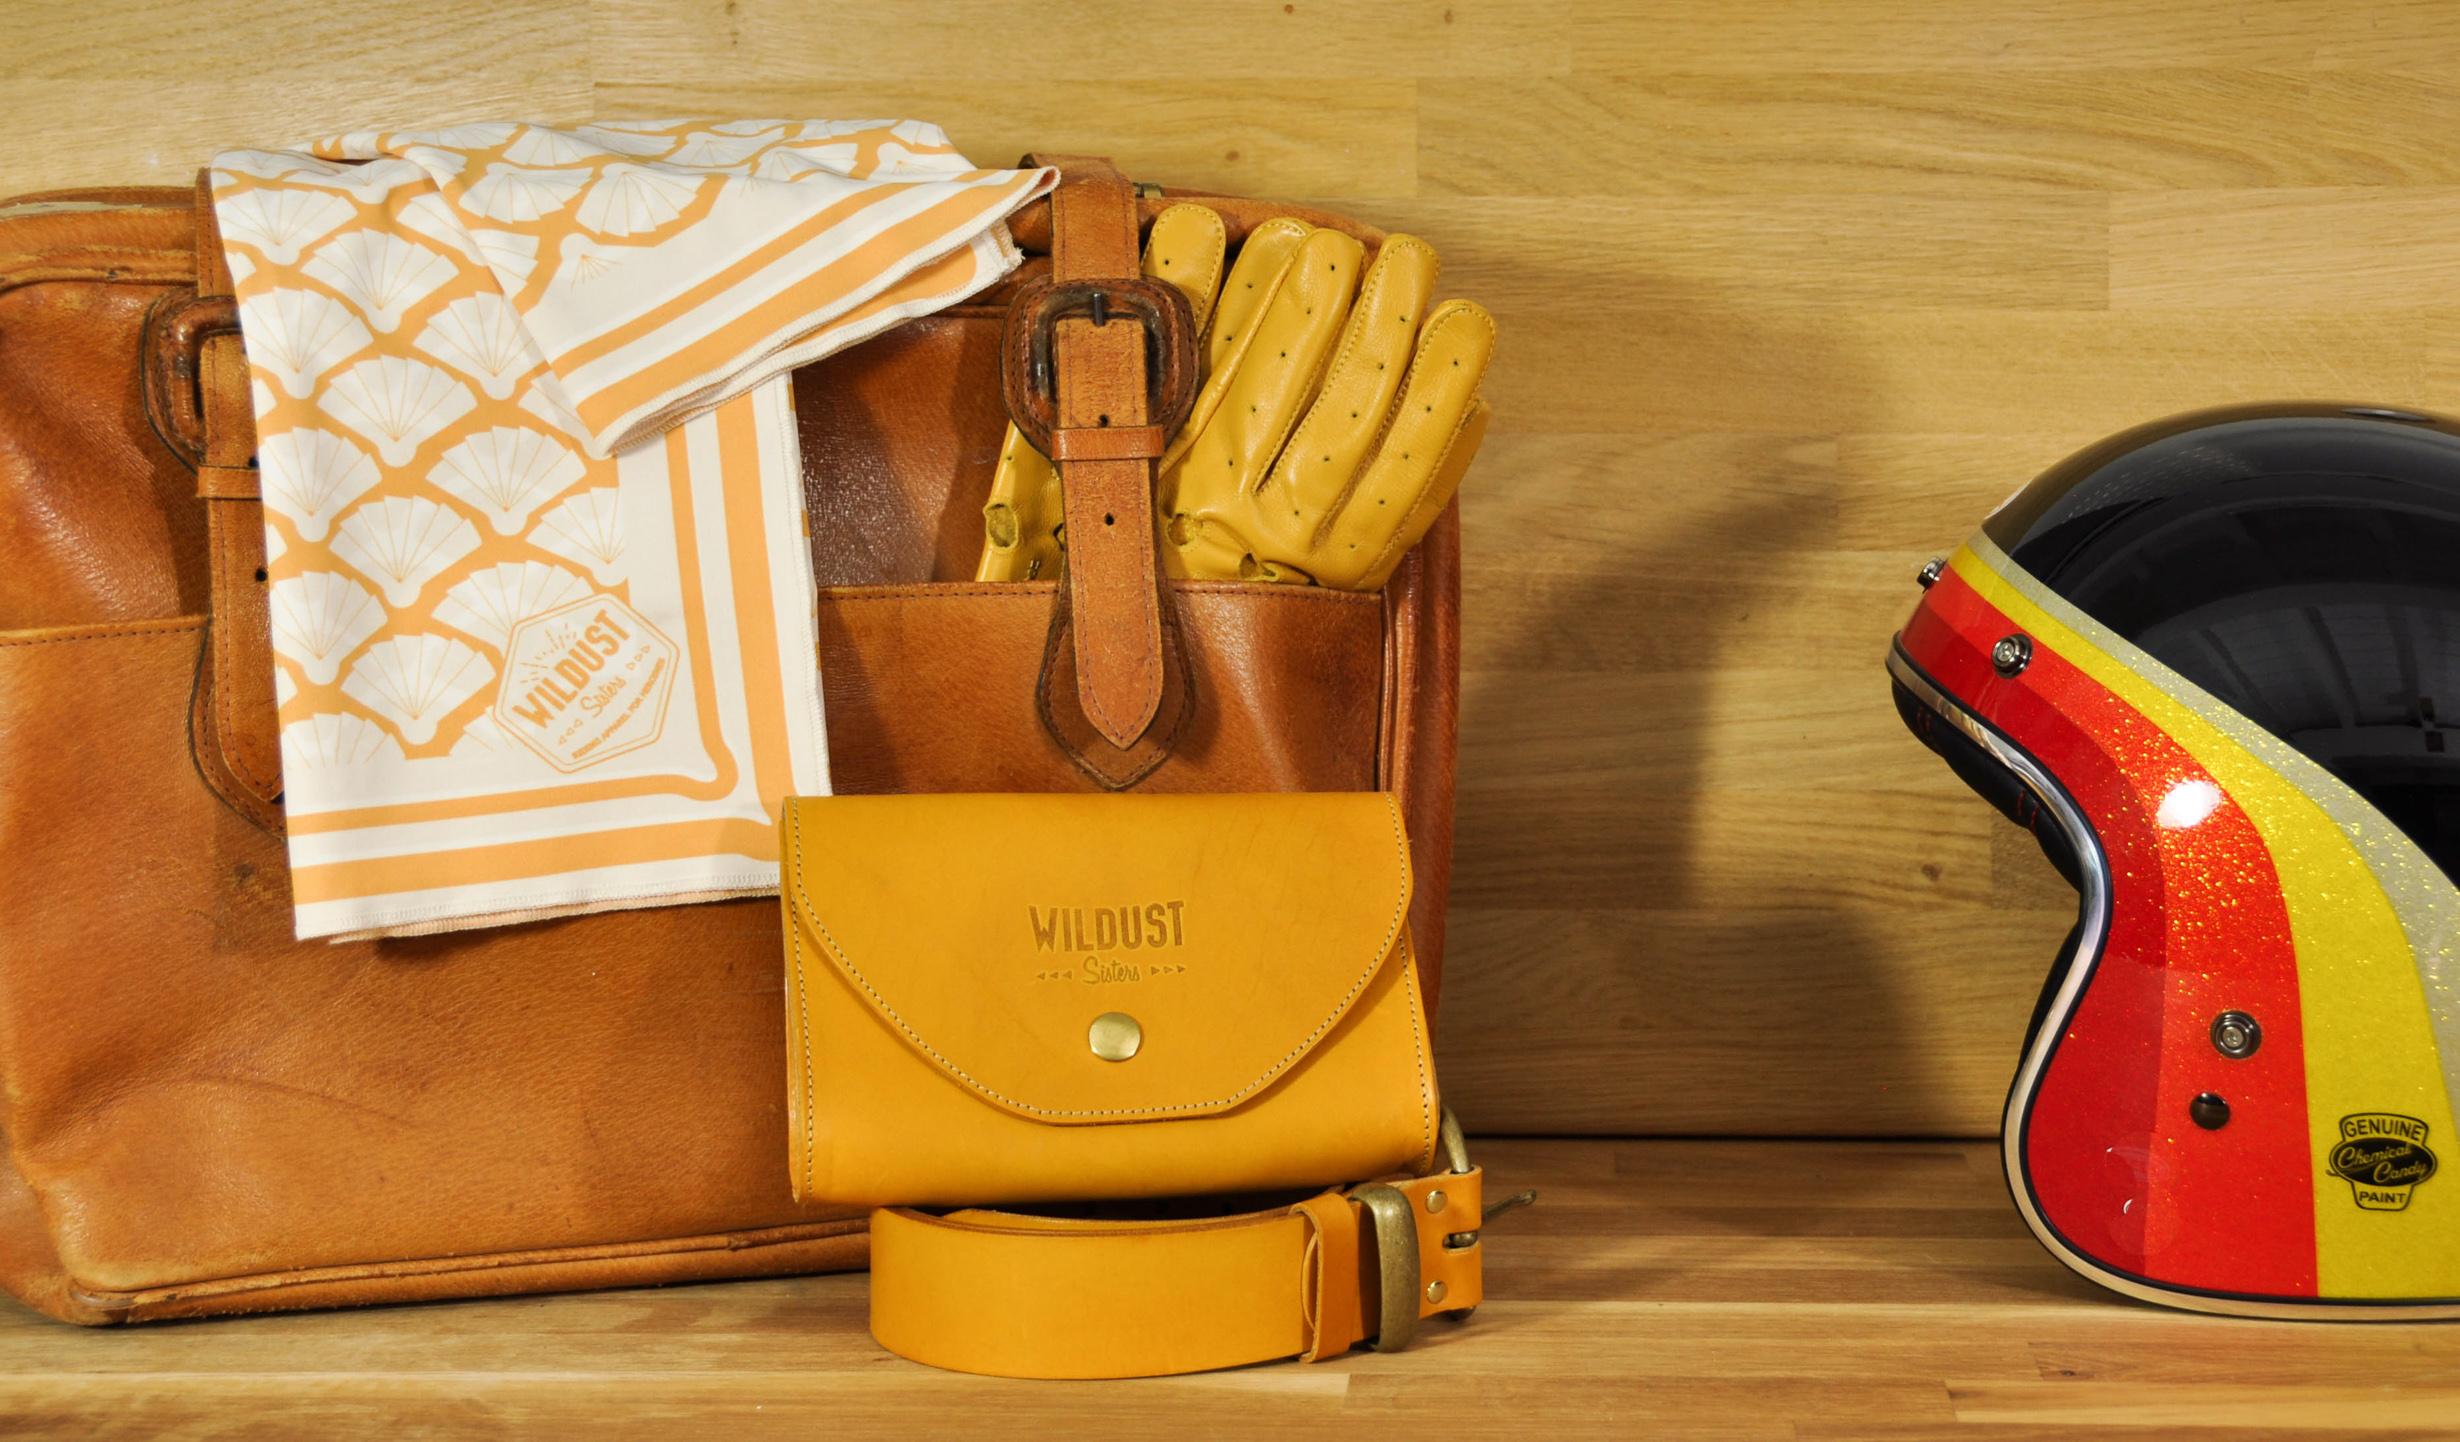 foulard moto jaune yellowstone wildust